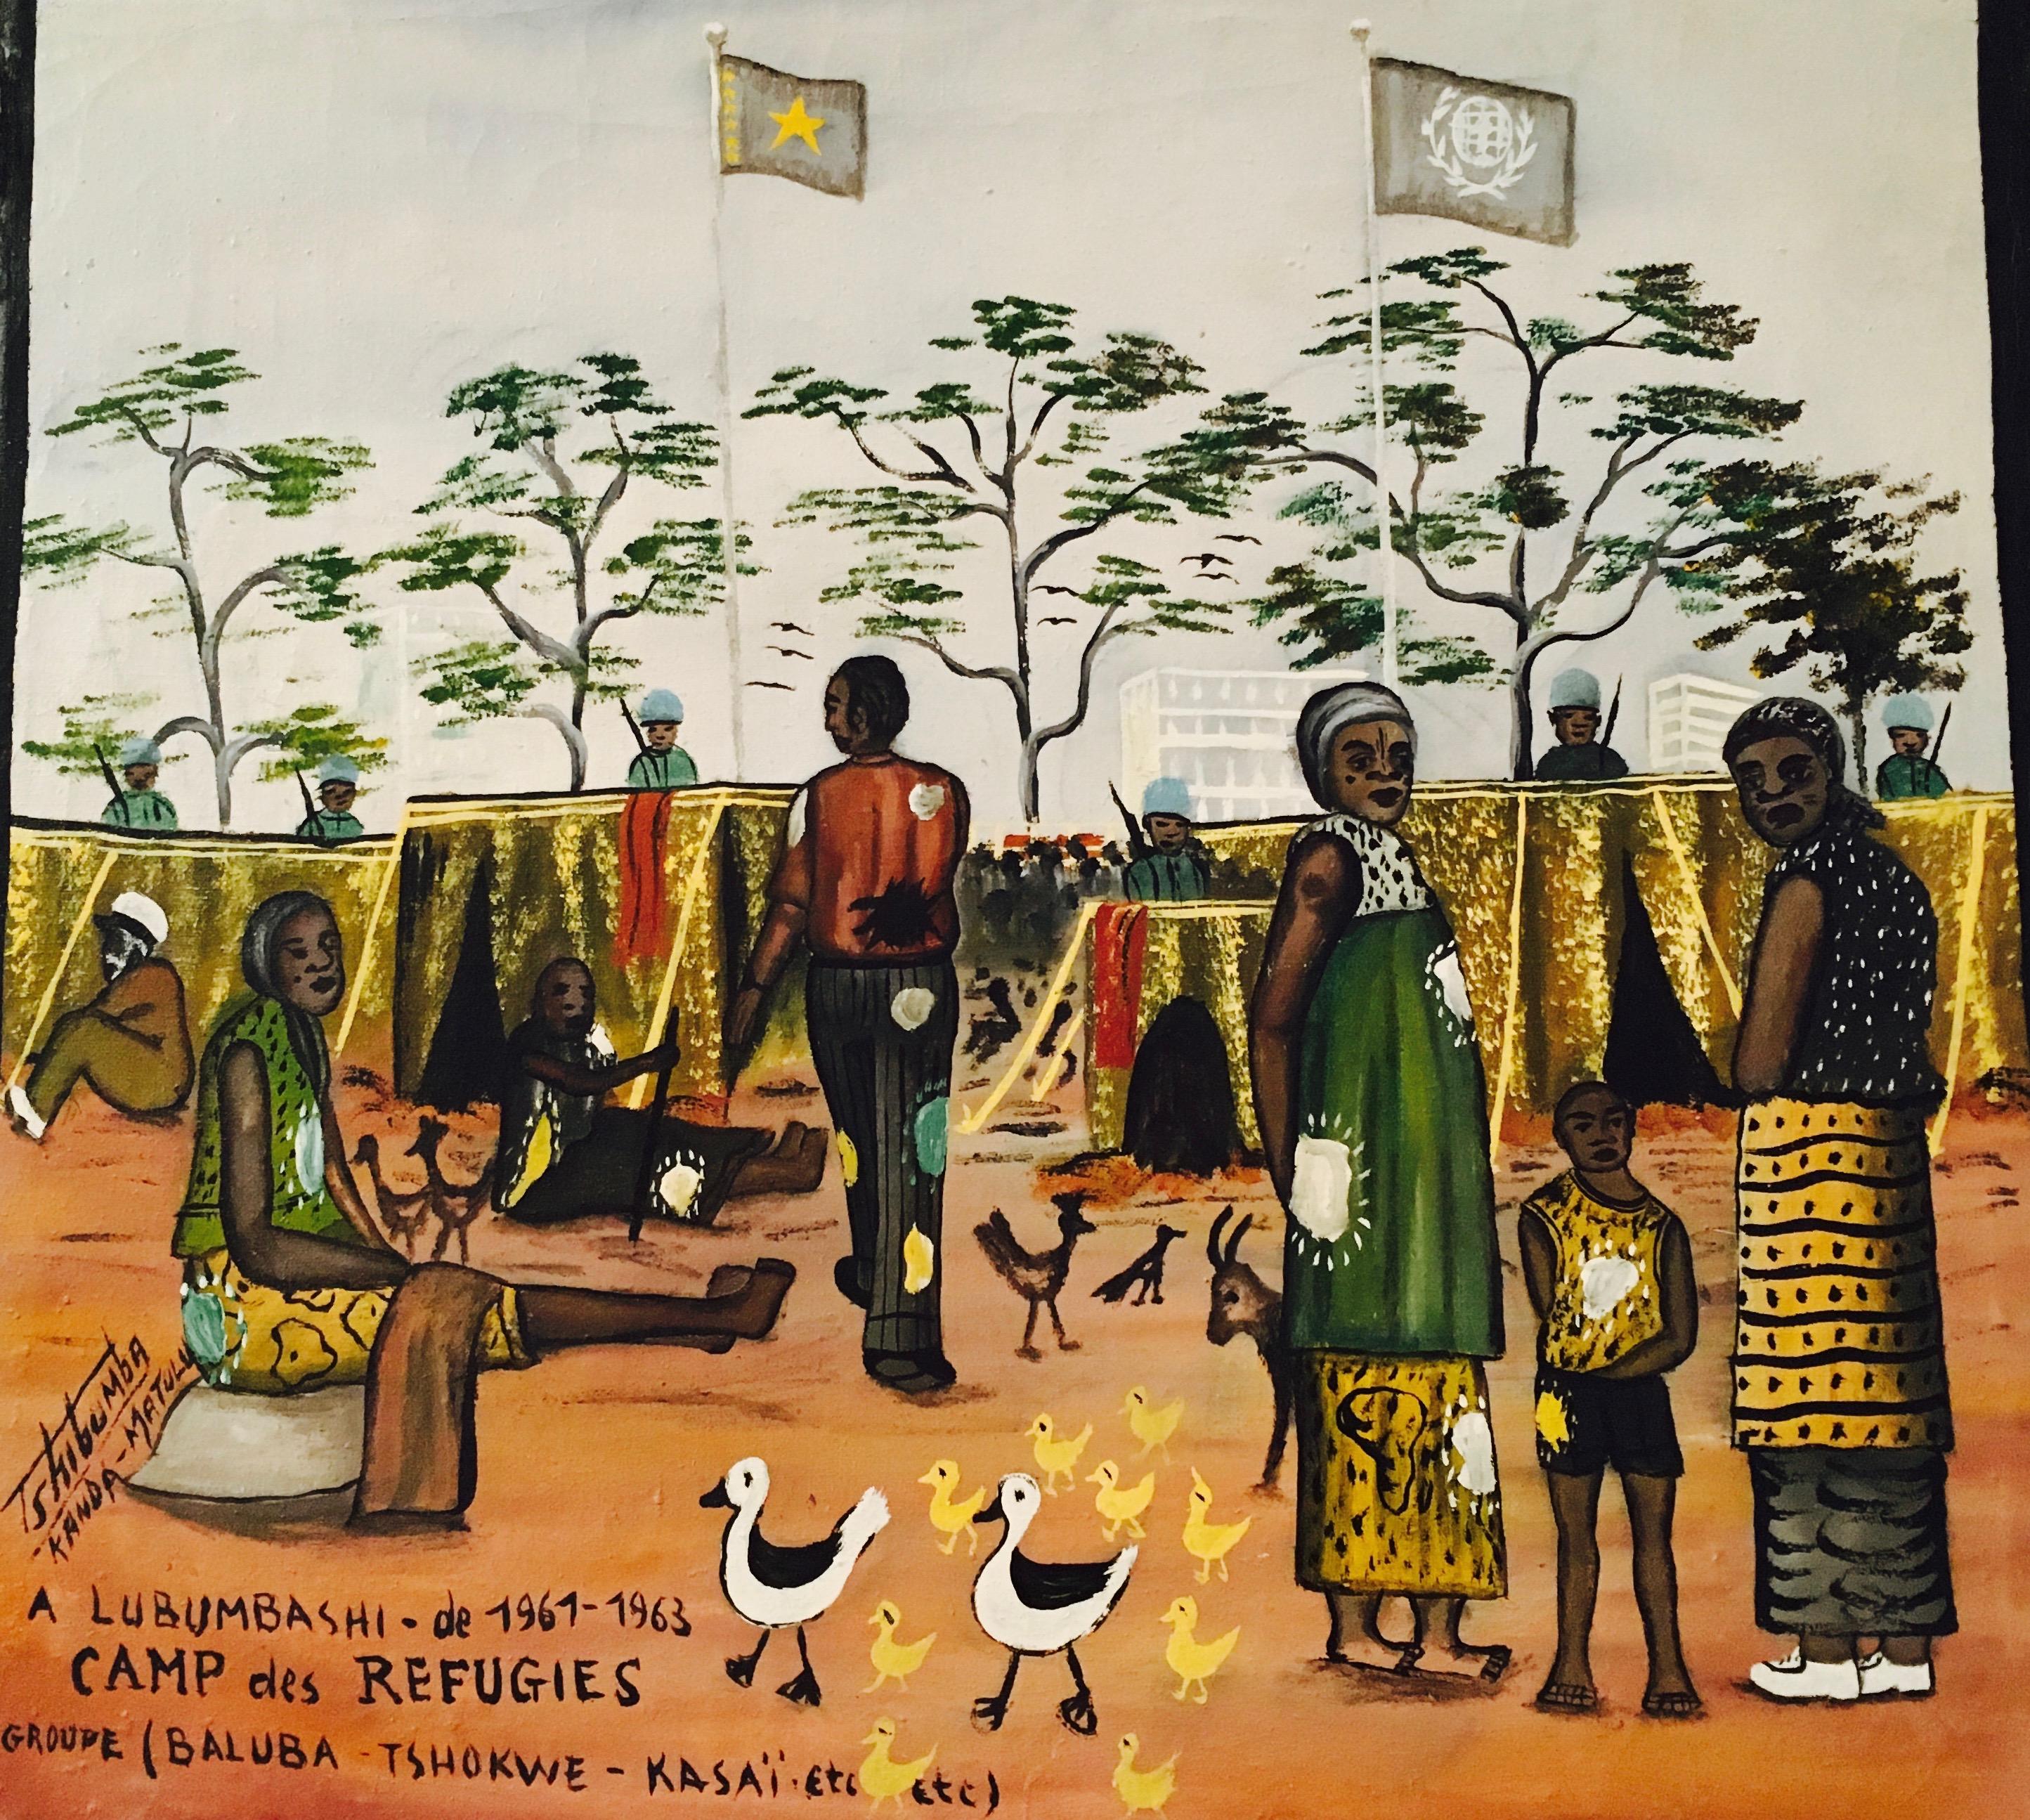 Στρατόπεδο προσφύγων στο Λουμούμπασι 1961-63, του Tshibumba Kanda Matulu